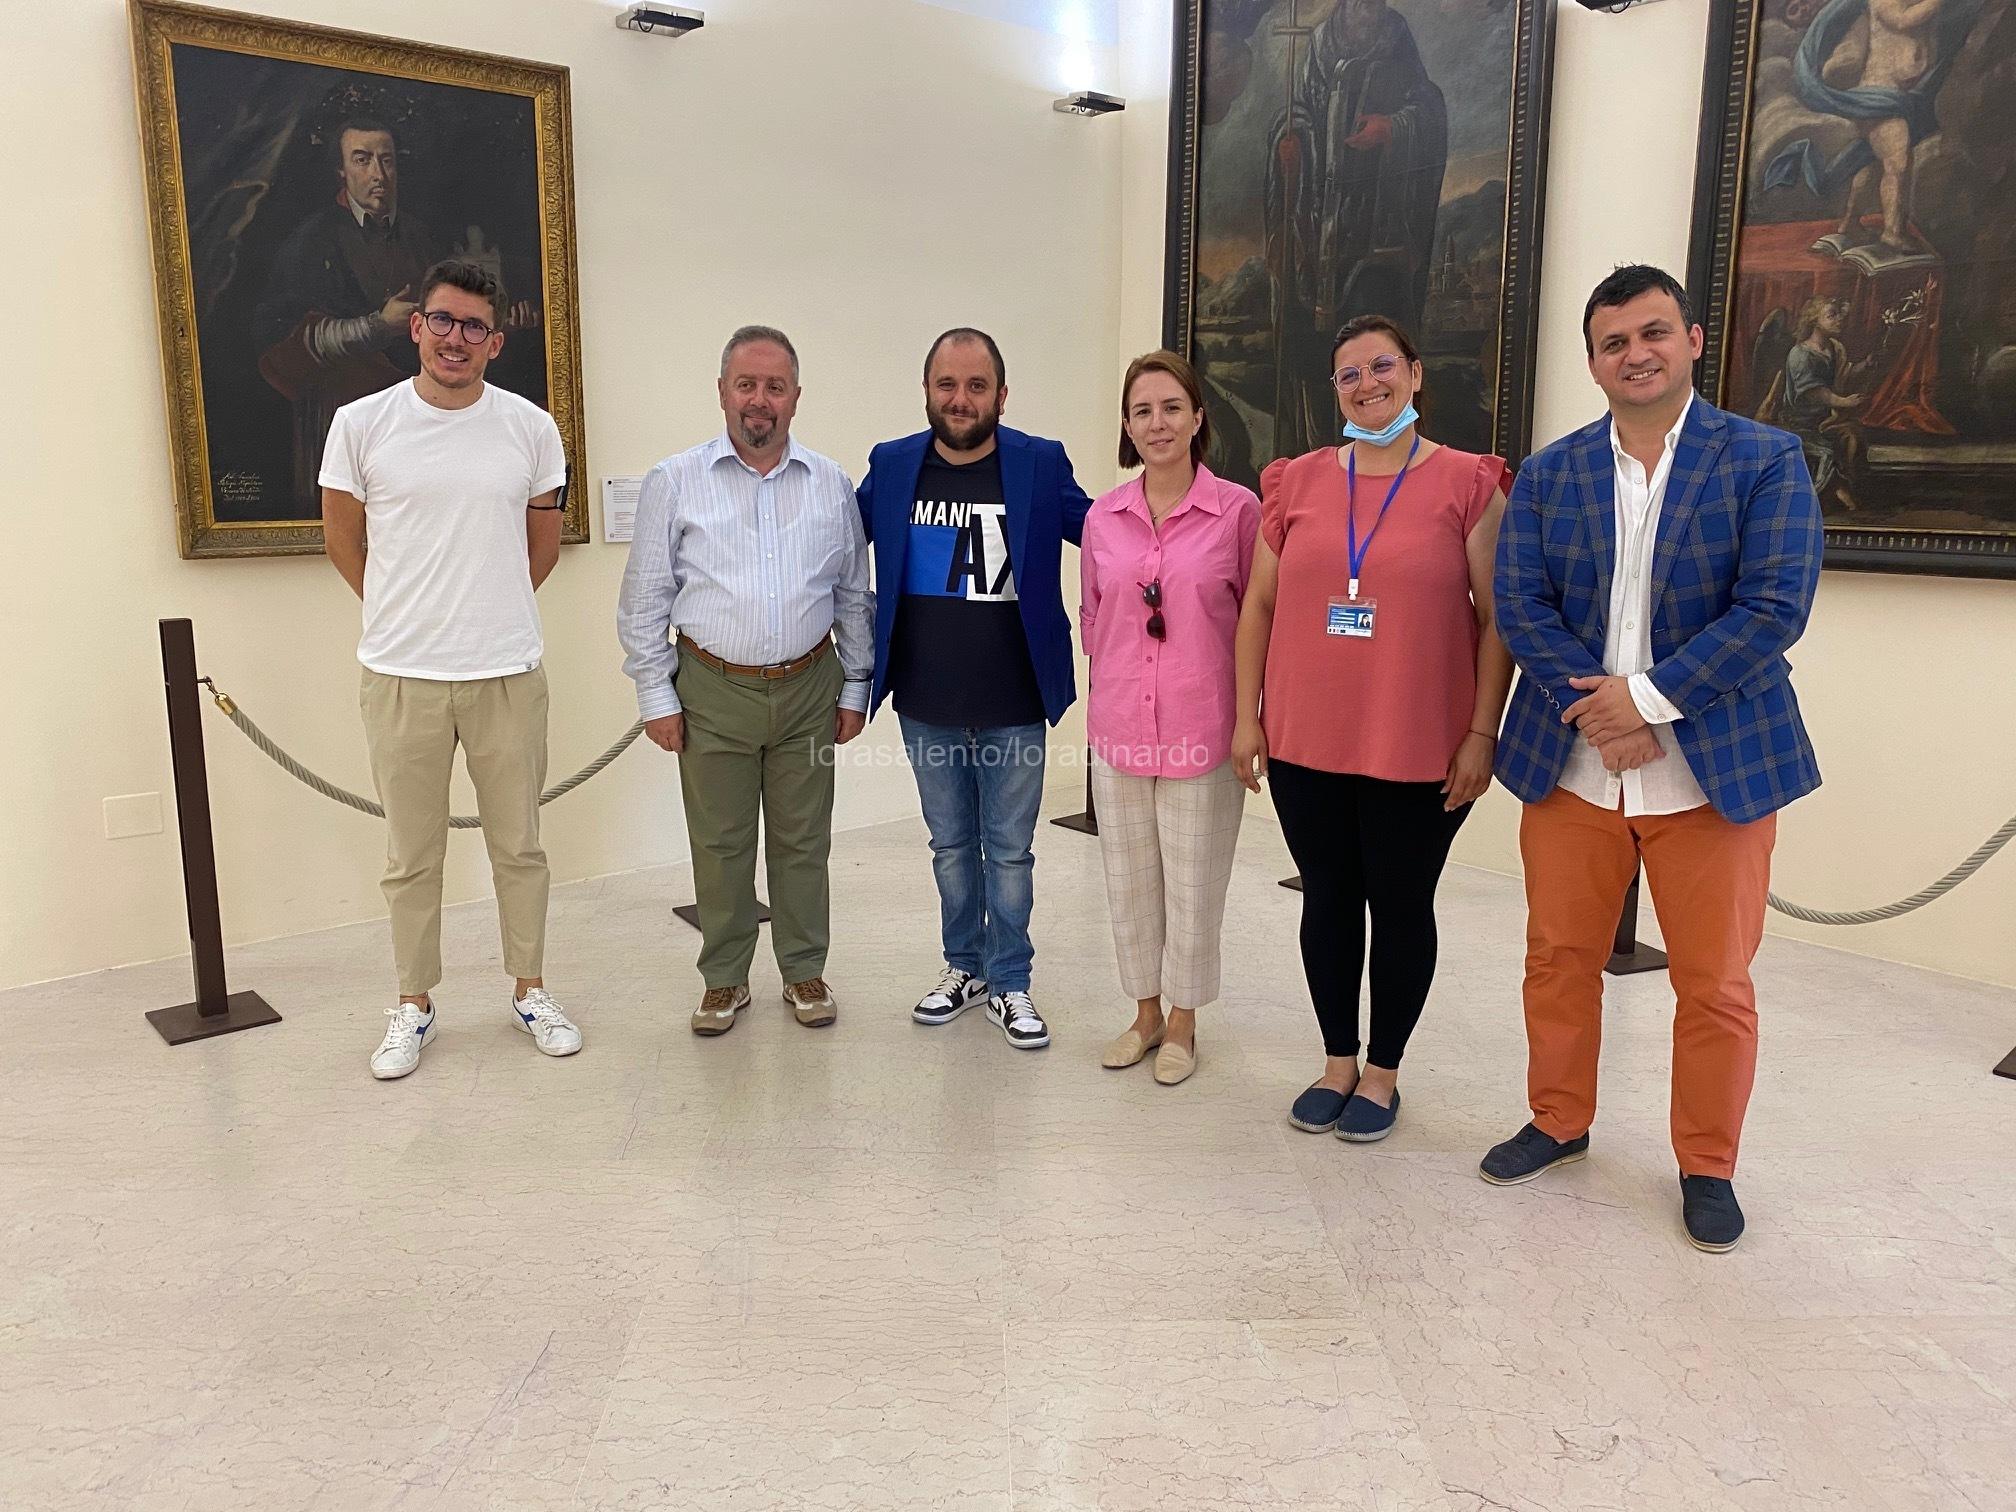 Gemellaggio-con-Argirocastro_visita-Museo-della-citta-e-del-Territorio